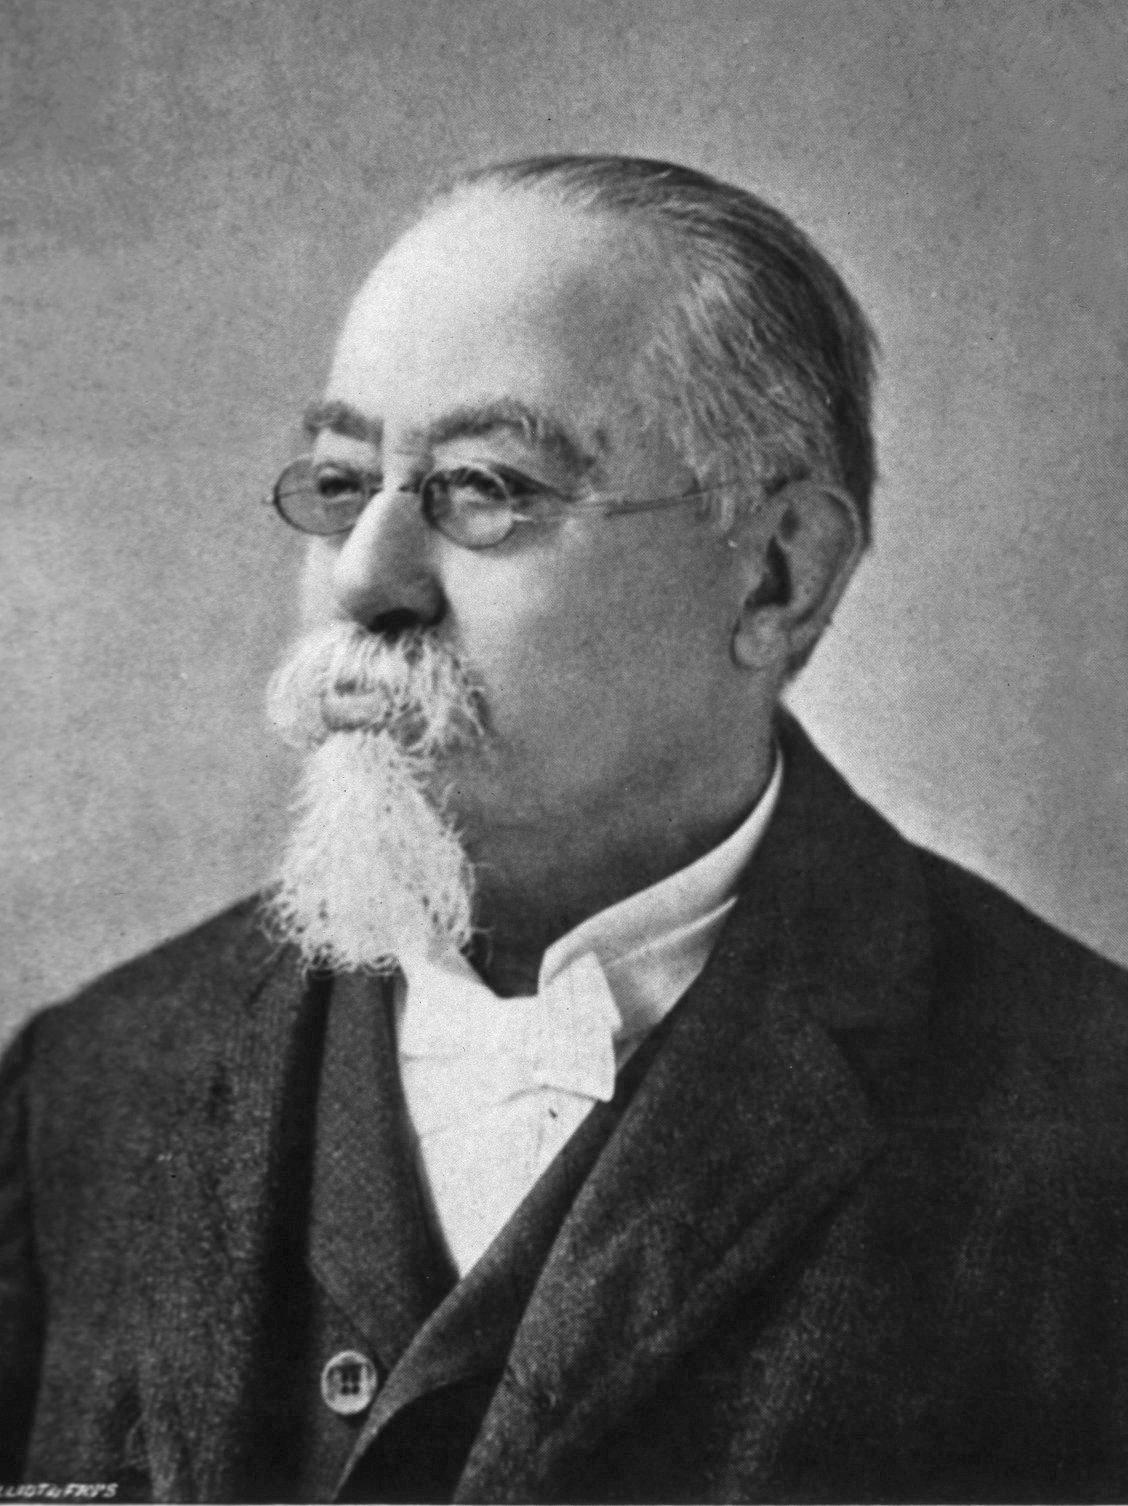 Friedrich Ebenstein